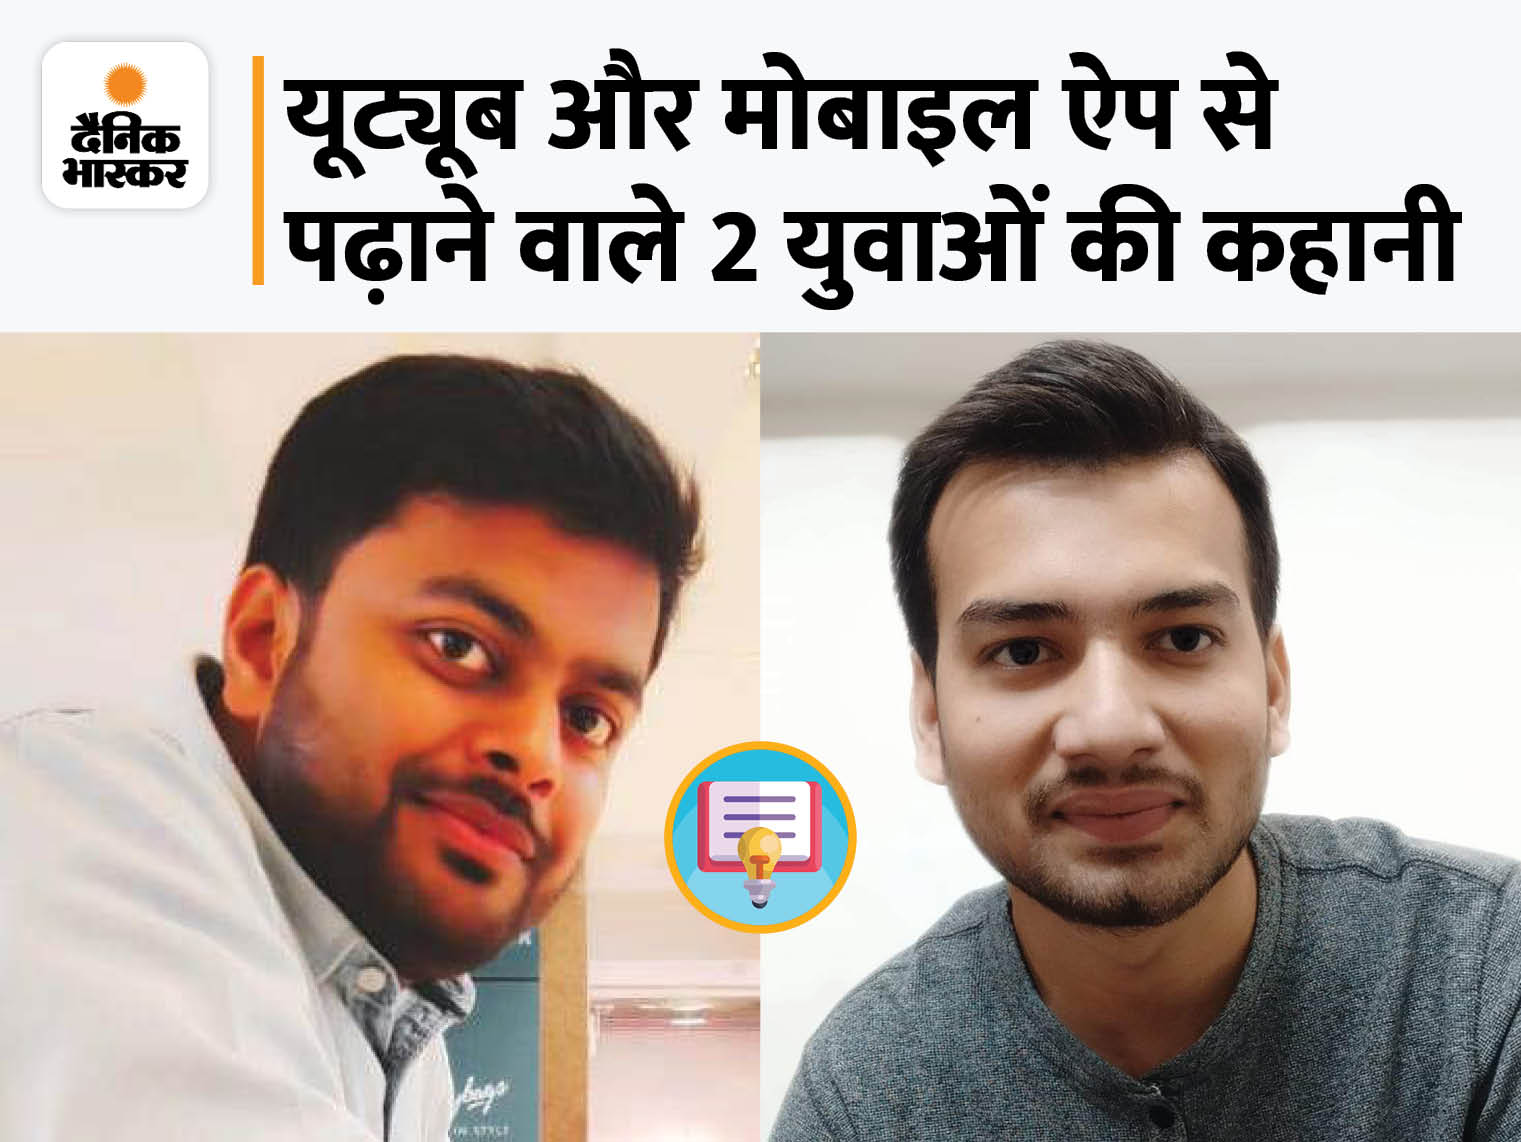 UP के सत्यम ने ऑनलाइन पढ़ाकर दो महीने में 15 लाख का बिजनेस किया, छत्तीसगढ़ के अजय मोबाइल ऐप से हर महीने 1.5 लाख कमा रहे|DB ओरिजिनल,DB Original - Dainik Bhaskar